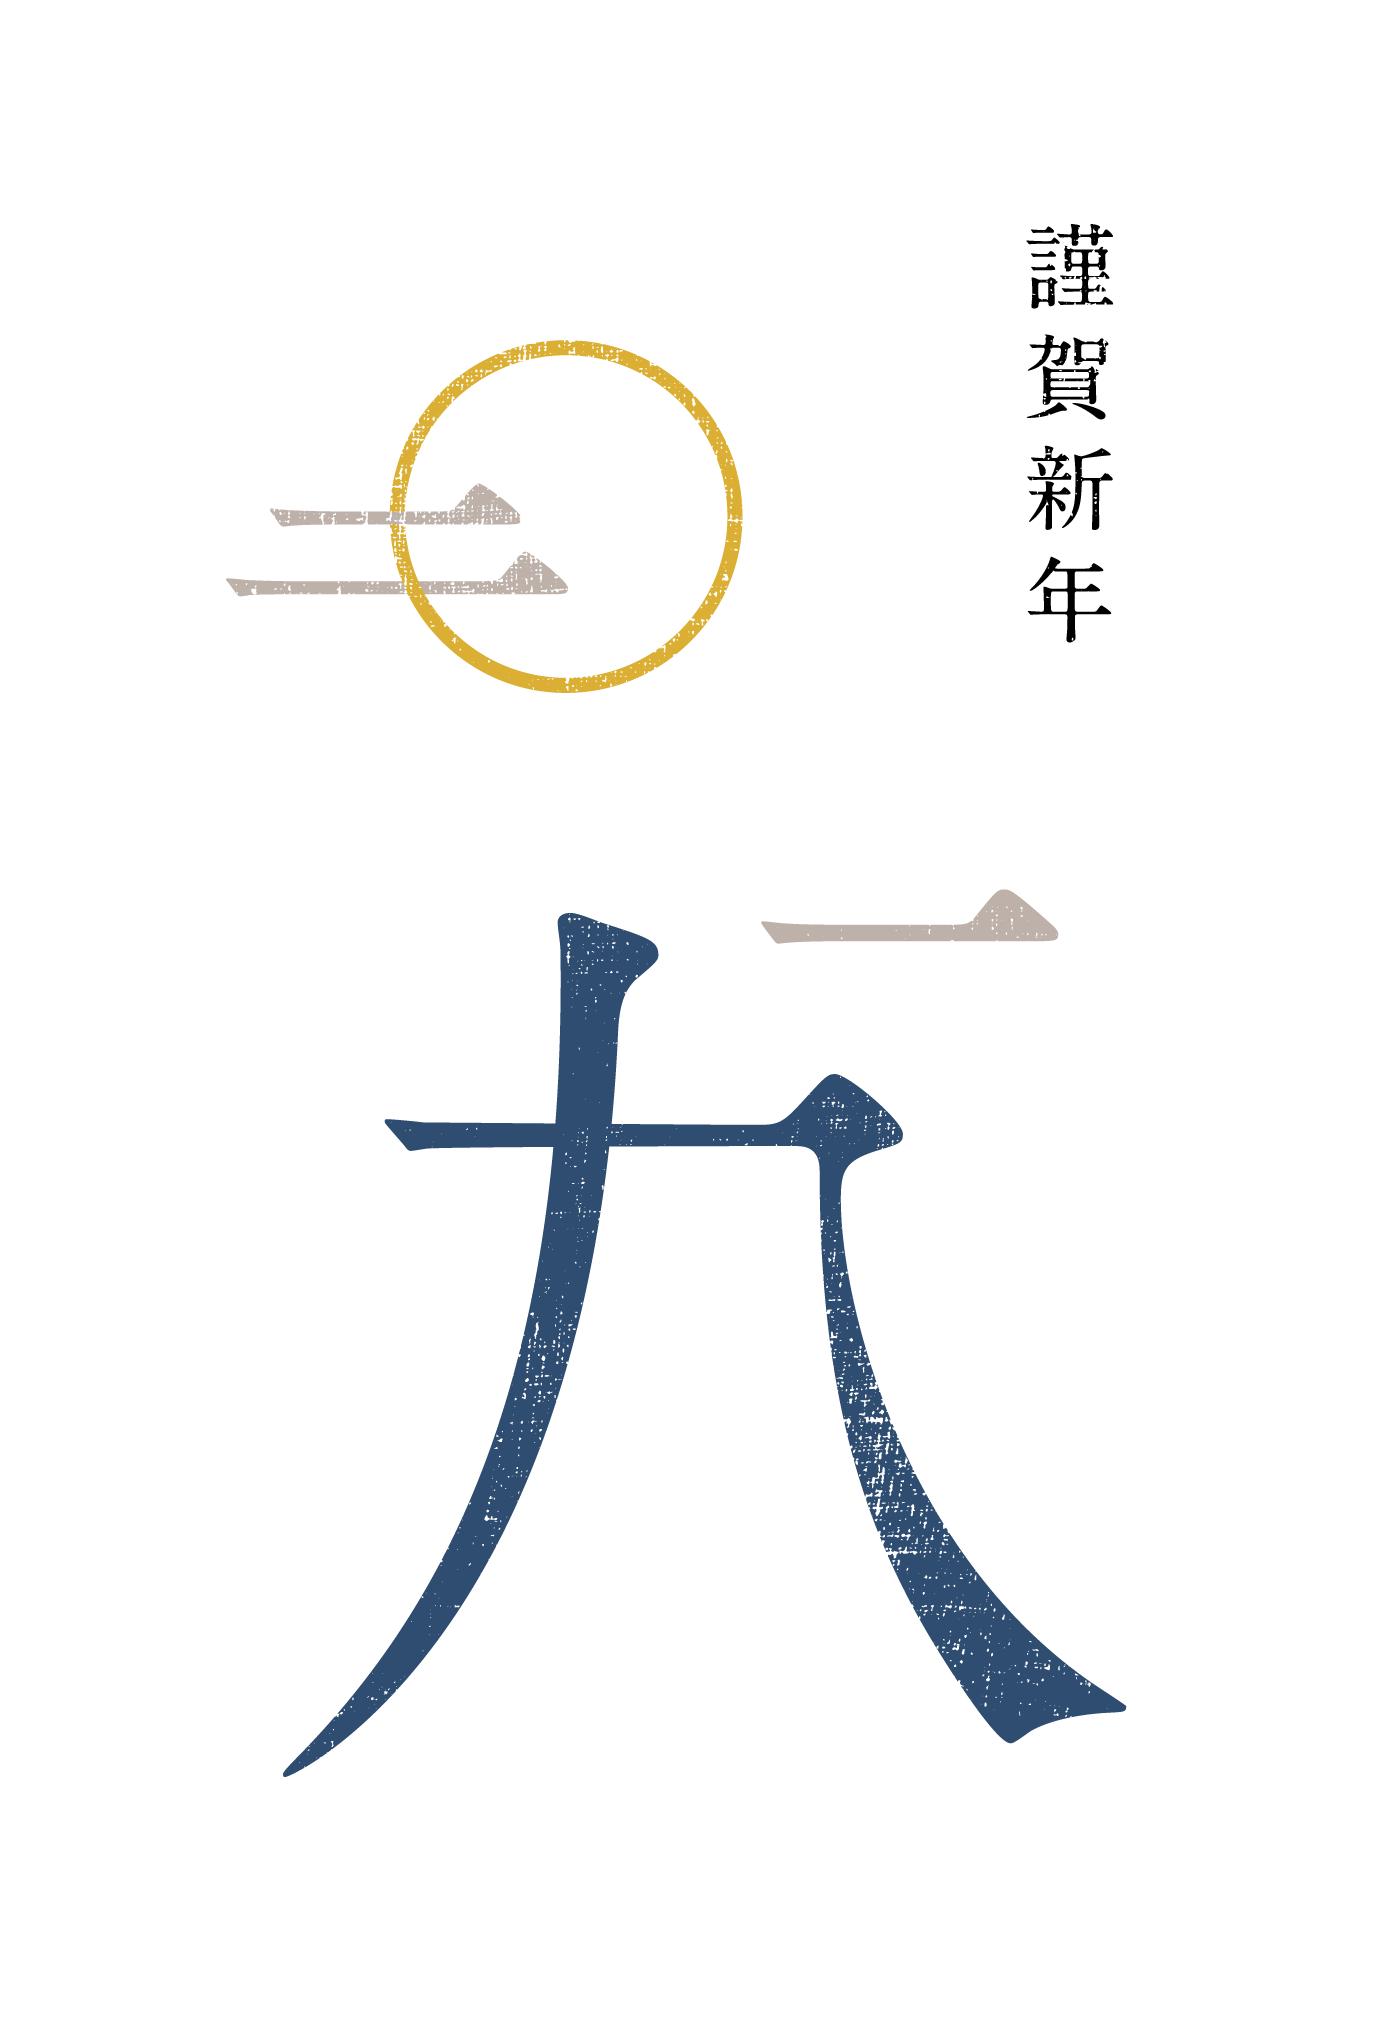 2019年賀状17-2:明朝富士 / 色のダウンロード画像